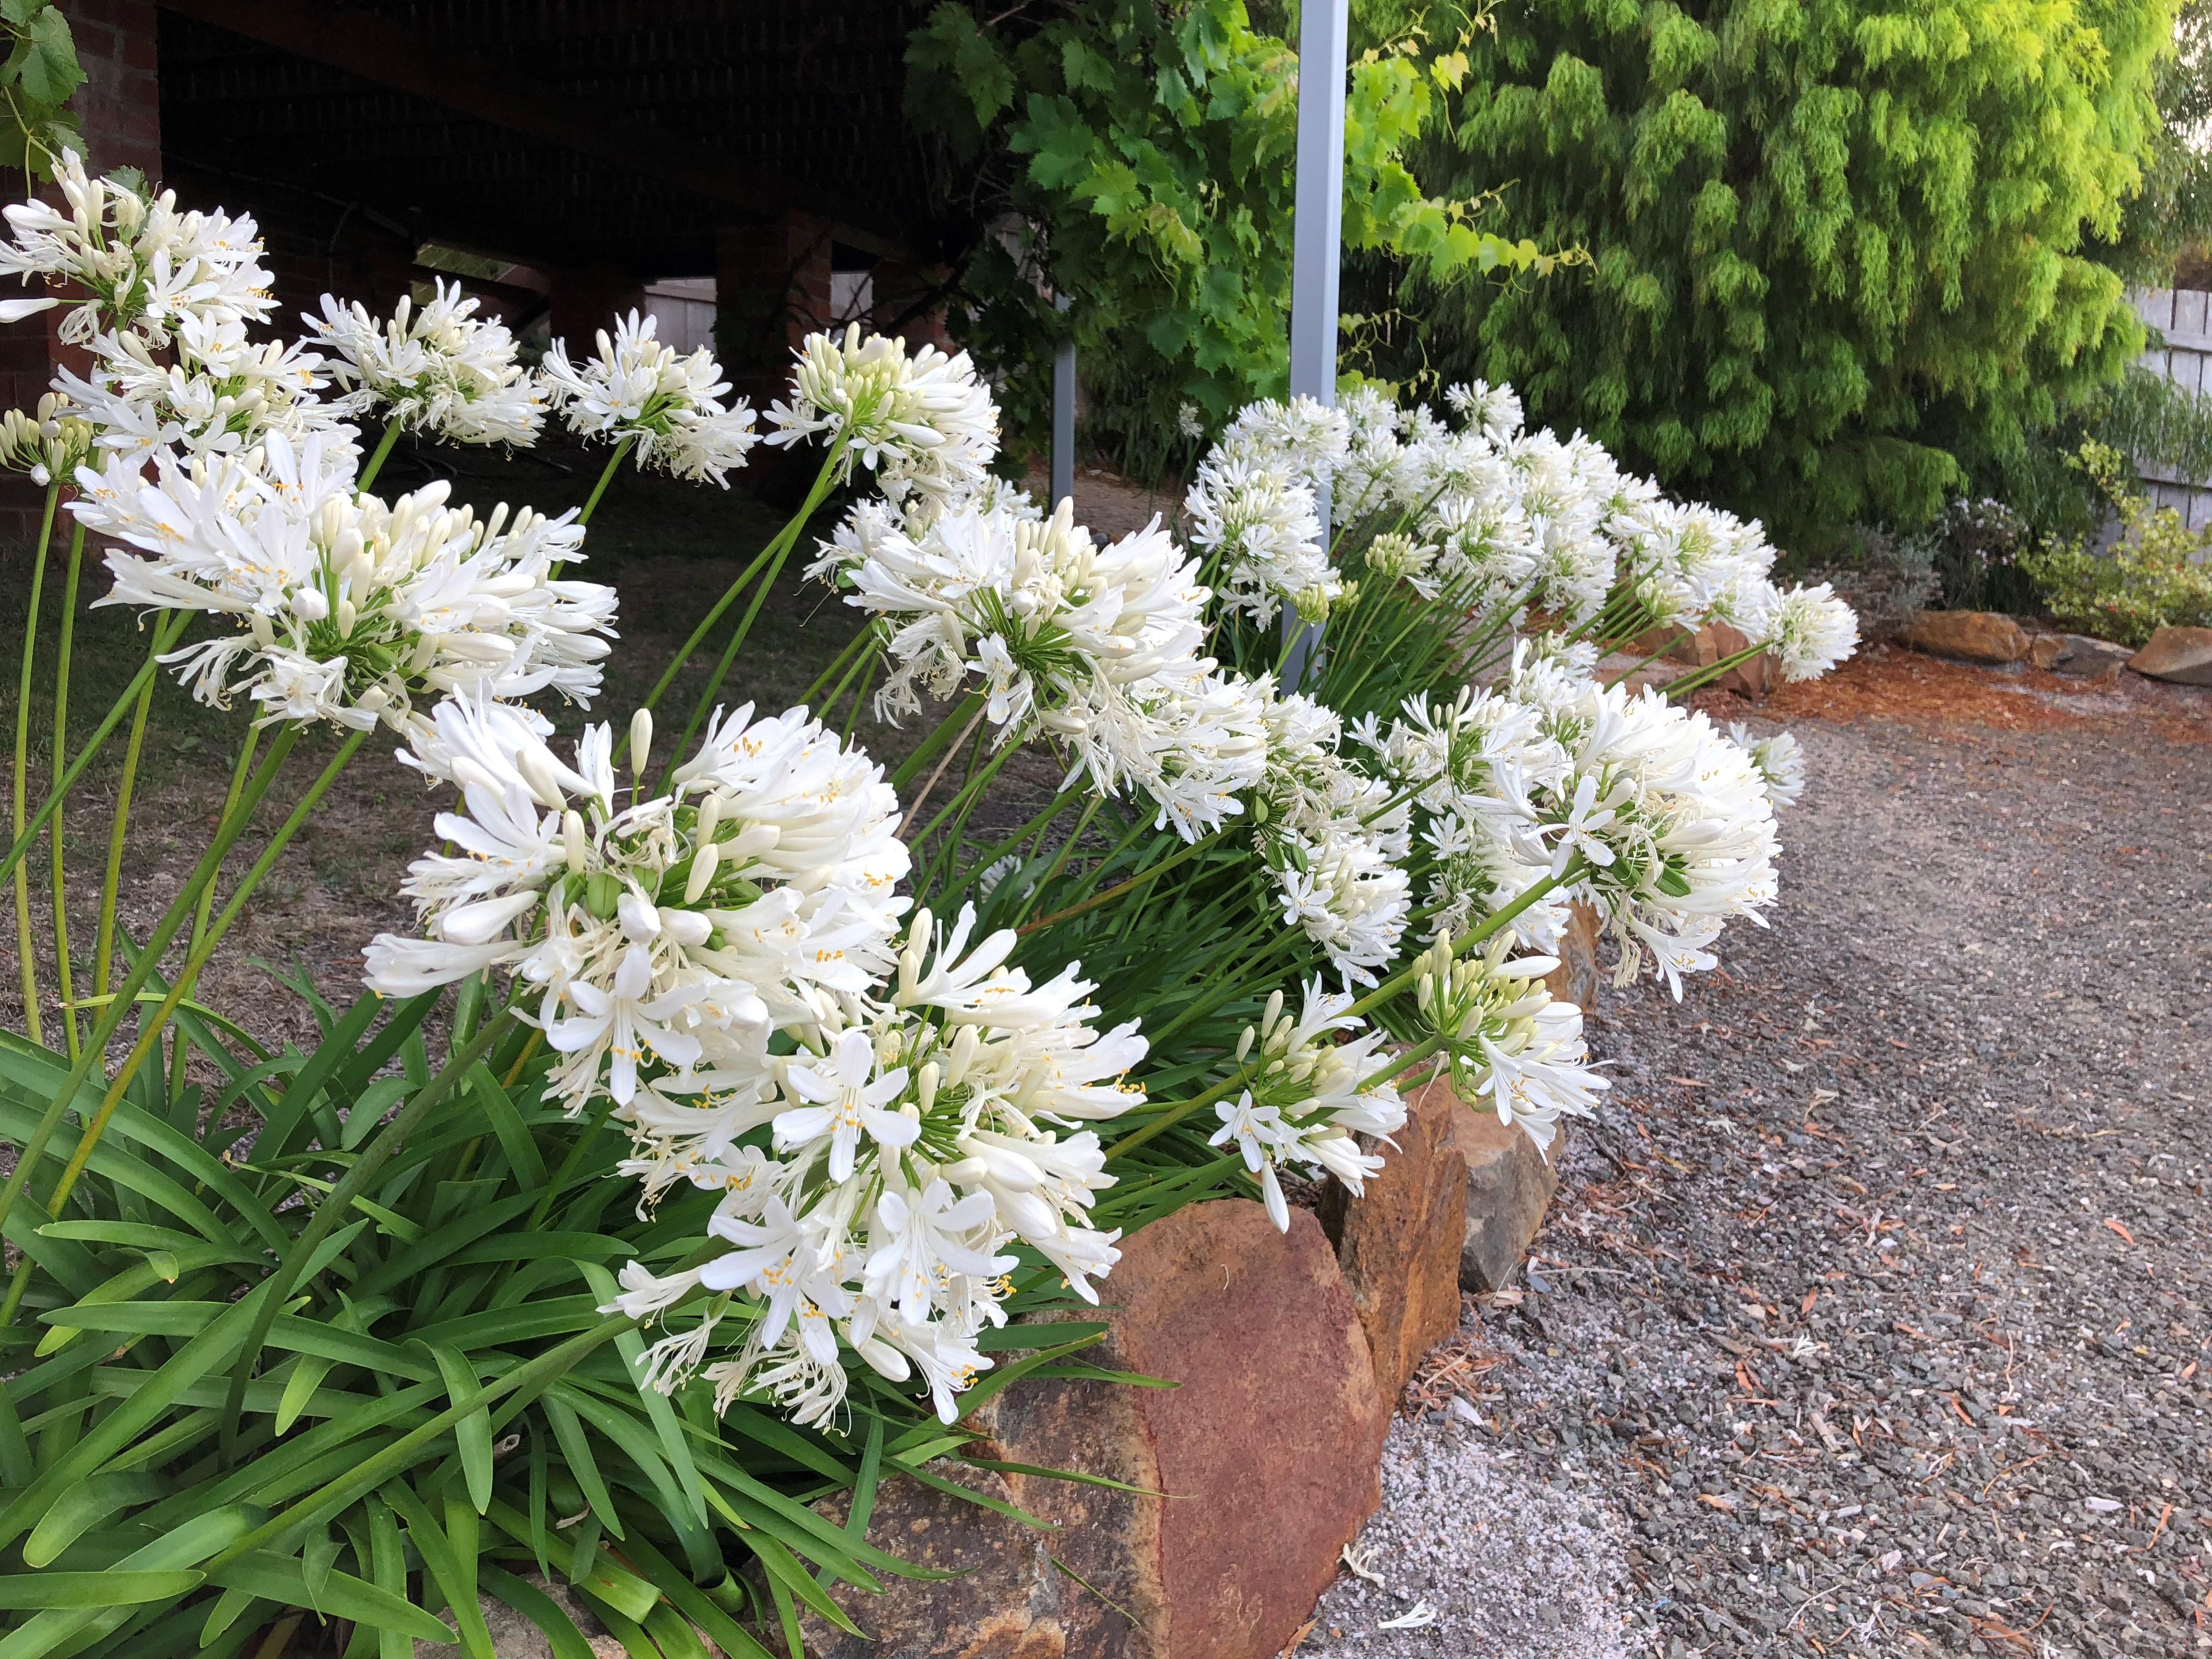 Website/Plants/2144398837/Images/Gallery/IMG_0791.0.jpg